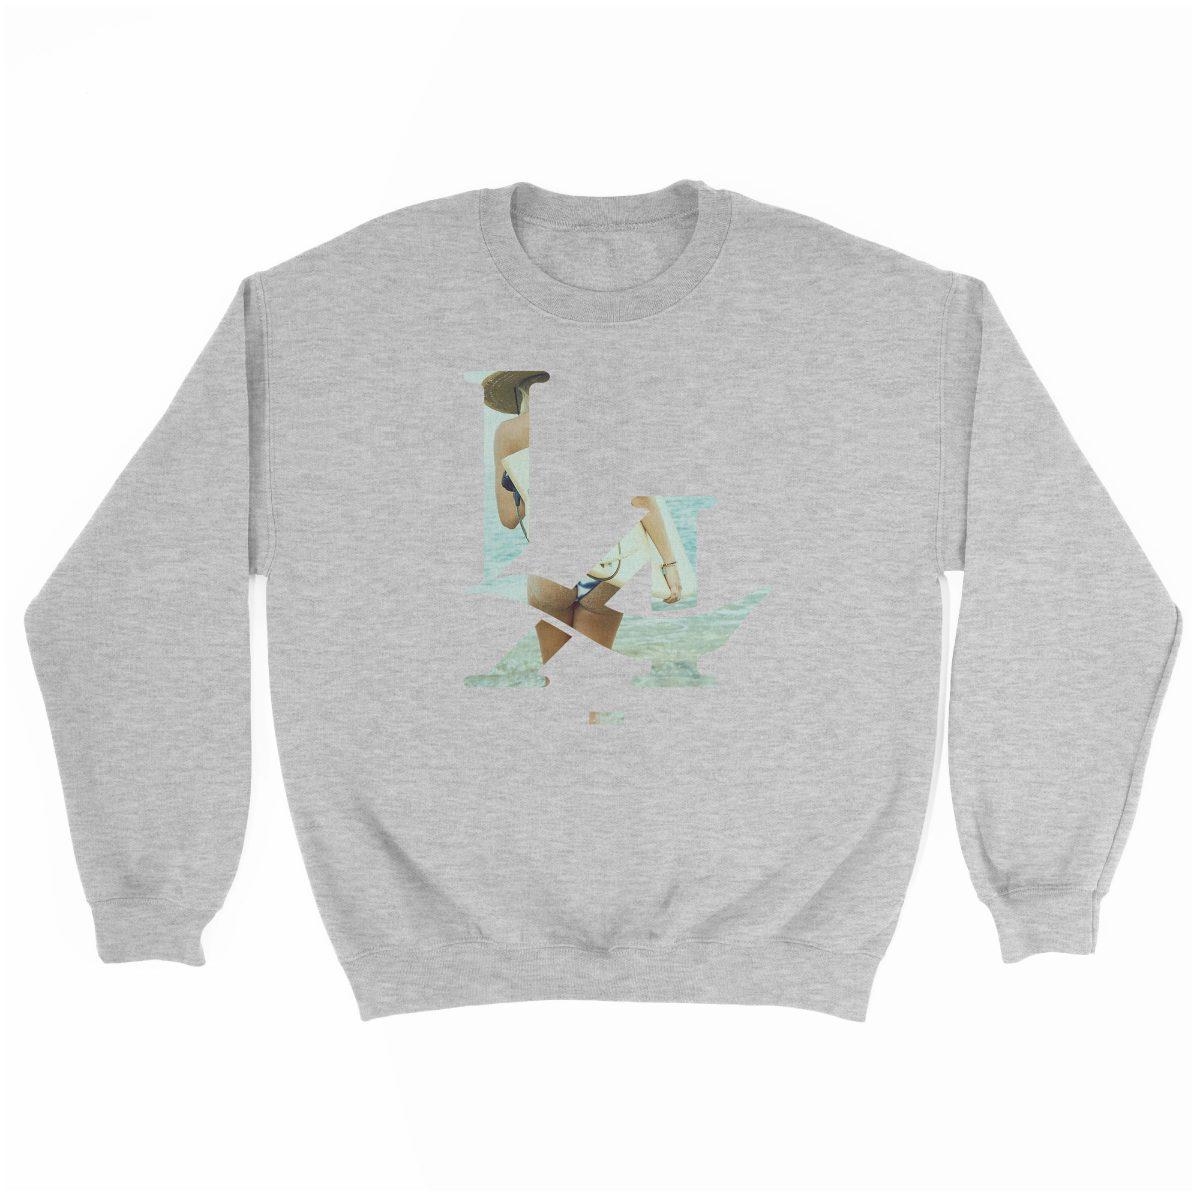 LA logo los angeles surfs up bikini ass beach sweatshirt in sport grey at kikicutt.com